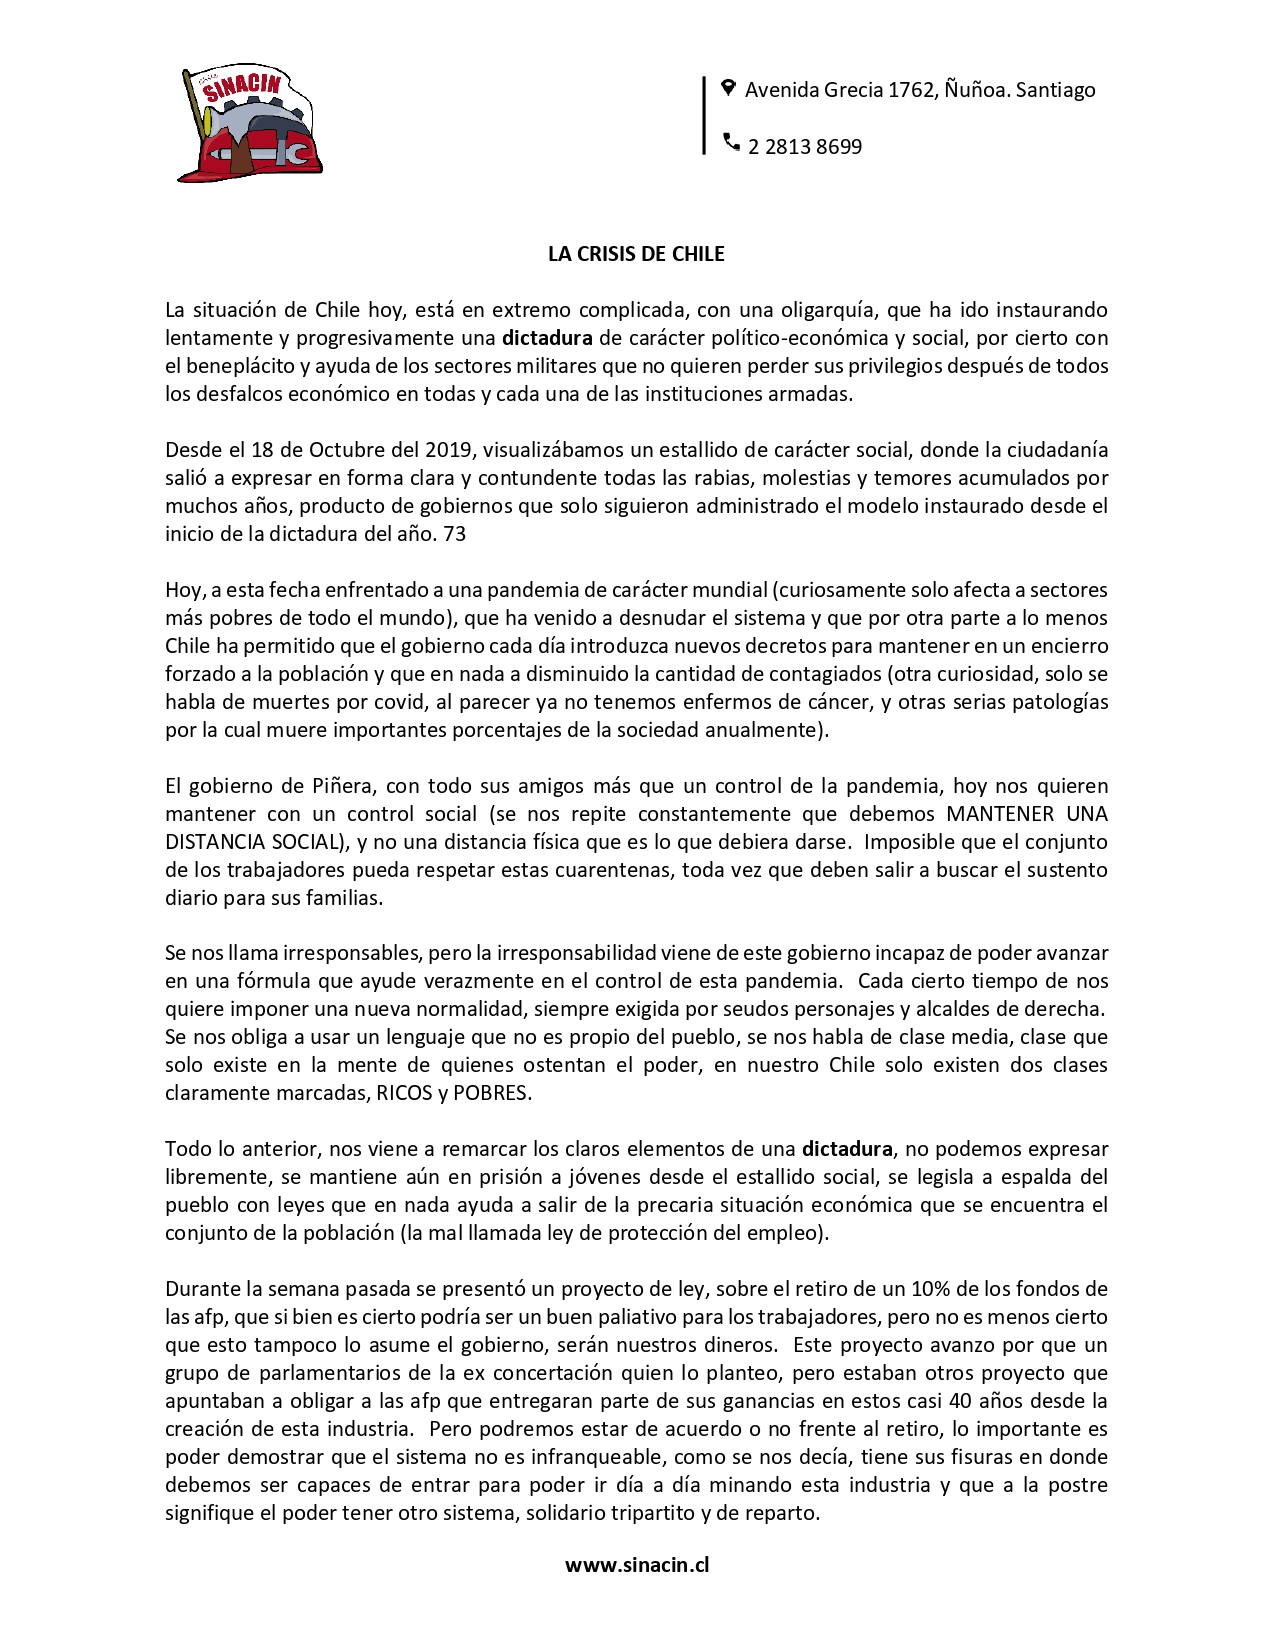 LA CRISIS DE CHILE_page-0001